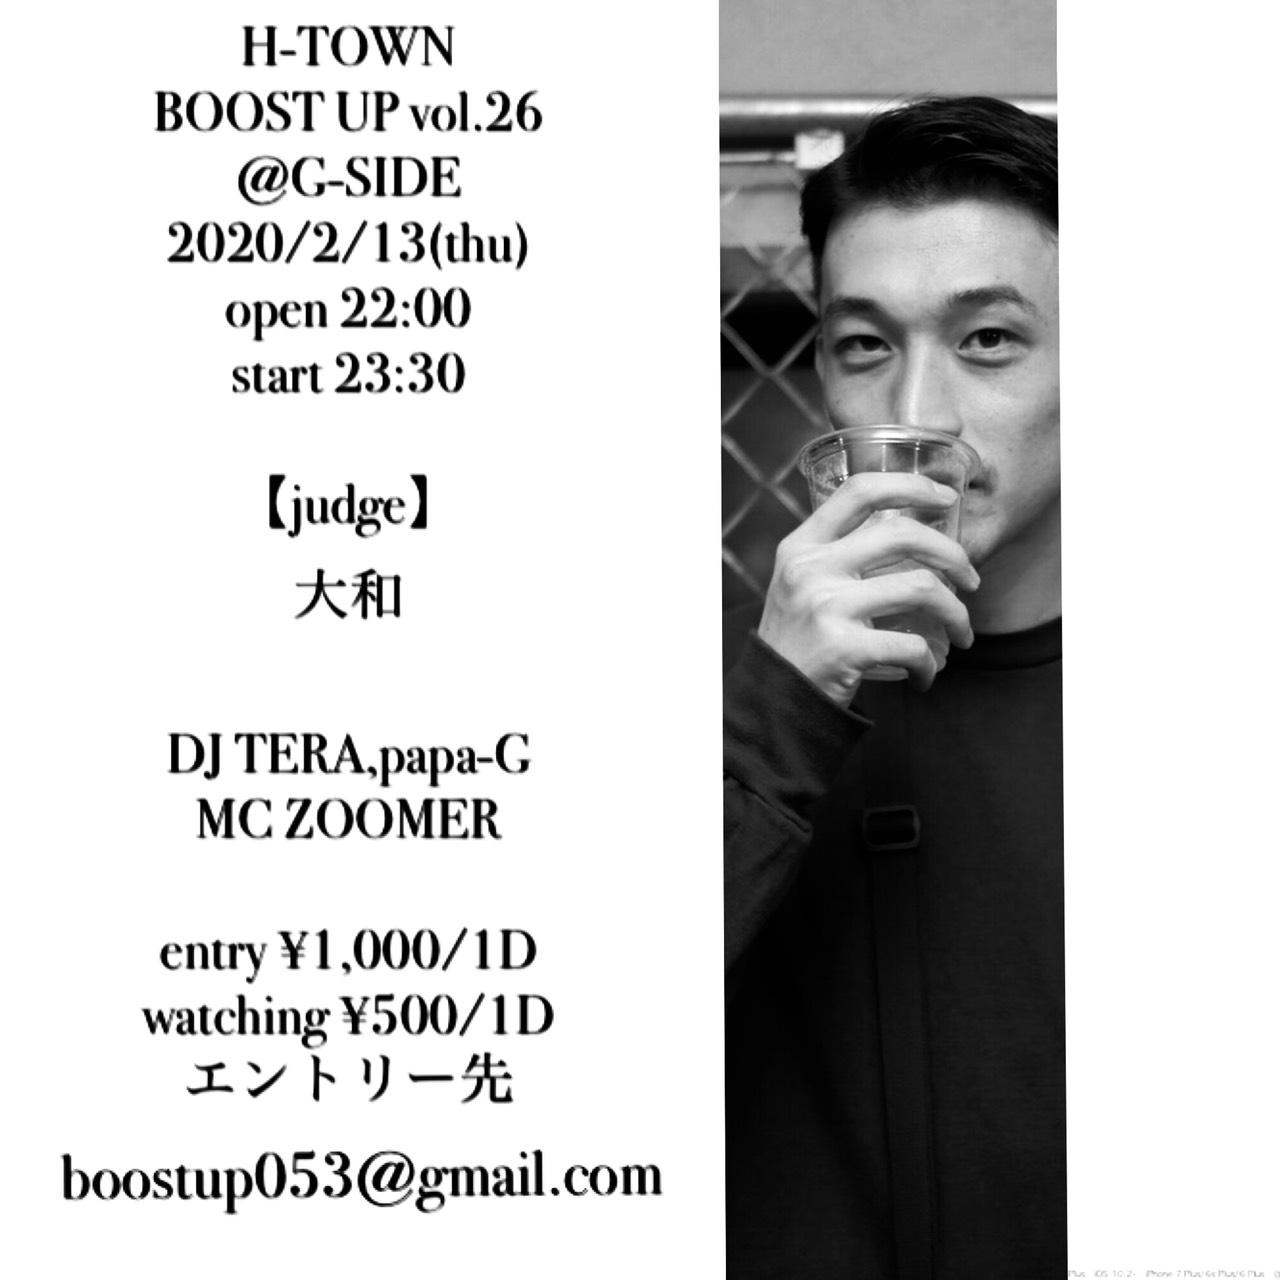 2月13日木曜日 H-TOWN BOOST UP